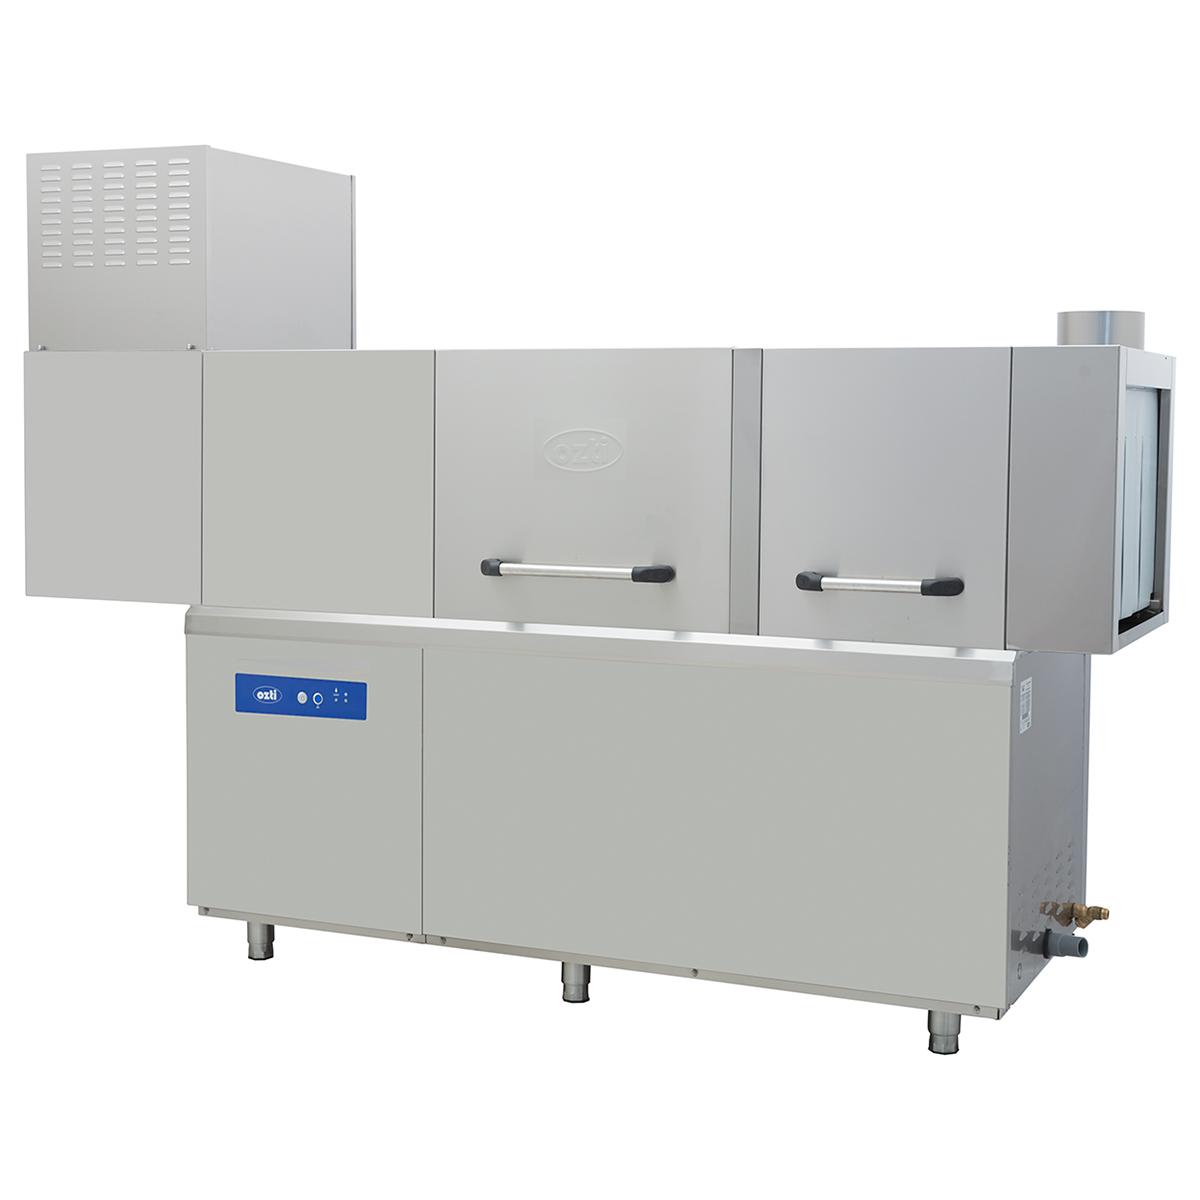 Konveyör Tipi Bulaşık Makinesi (Kurutmalı)